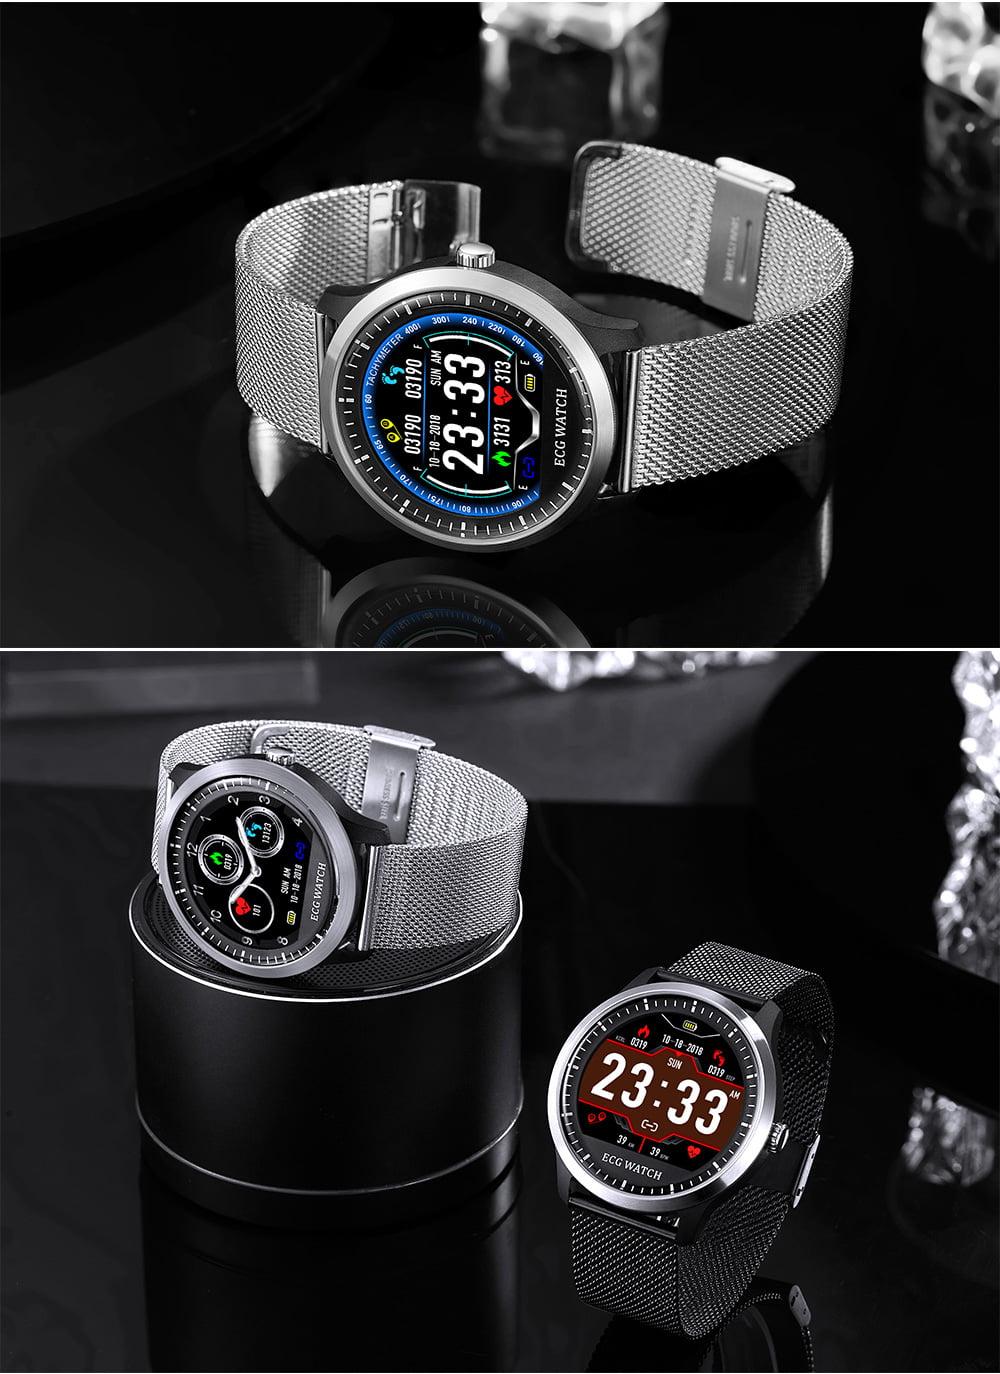 N58 ecg Smart Watch display stainless steel hr sleep monitor (2)